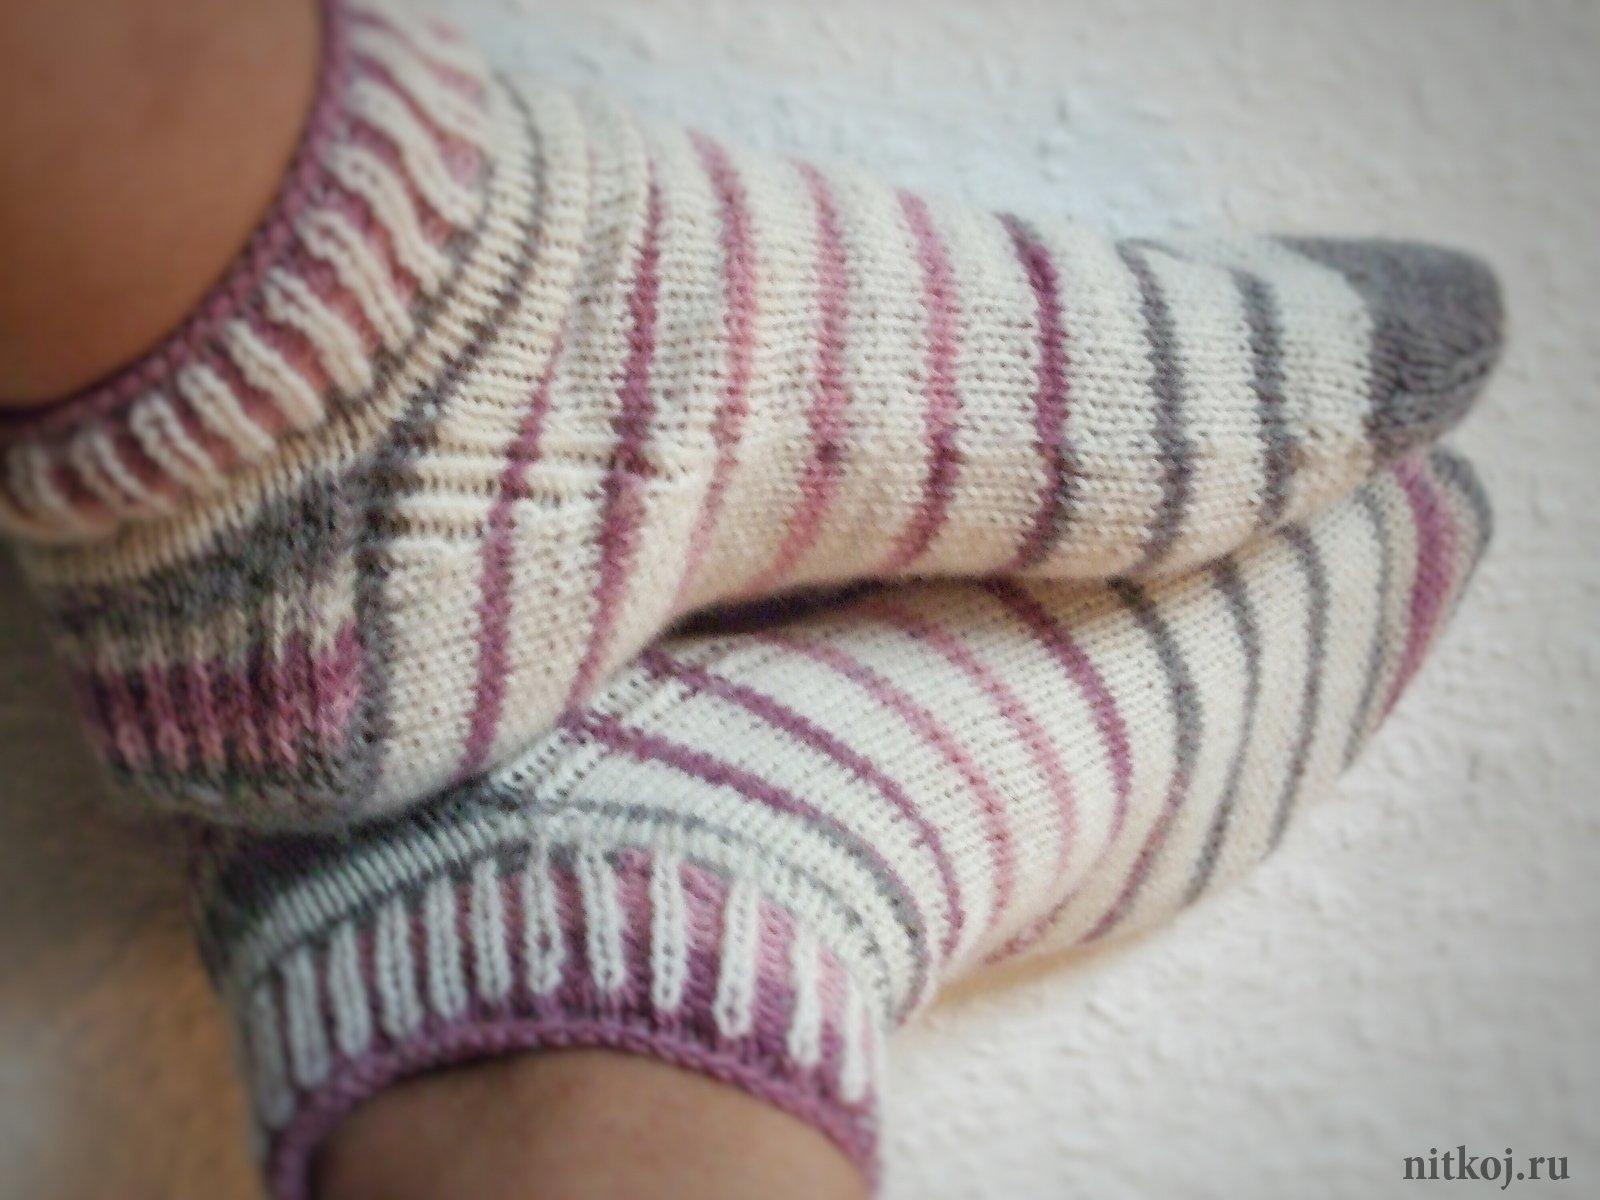 Вязание носков укрепление пятки 84